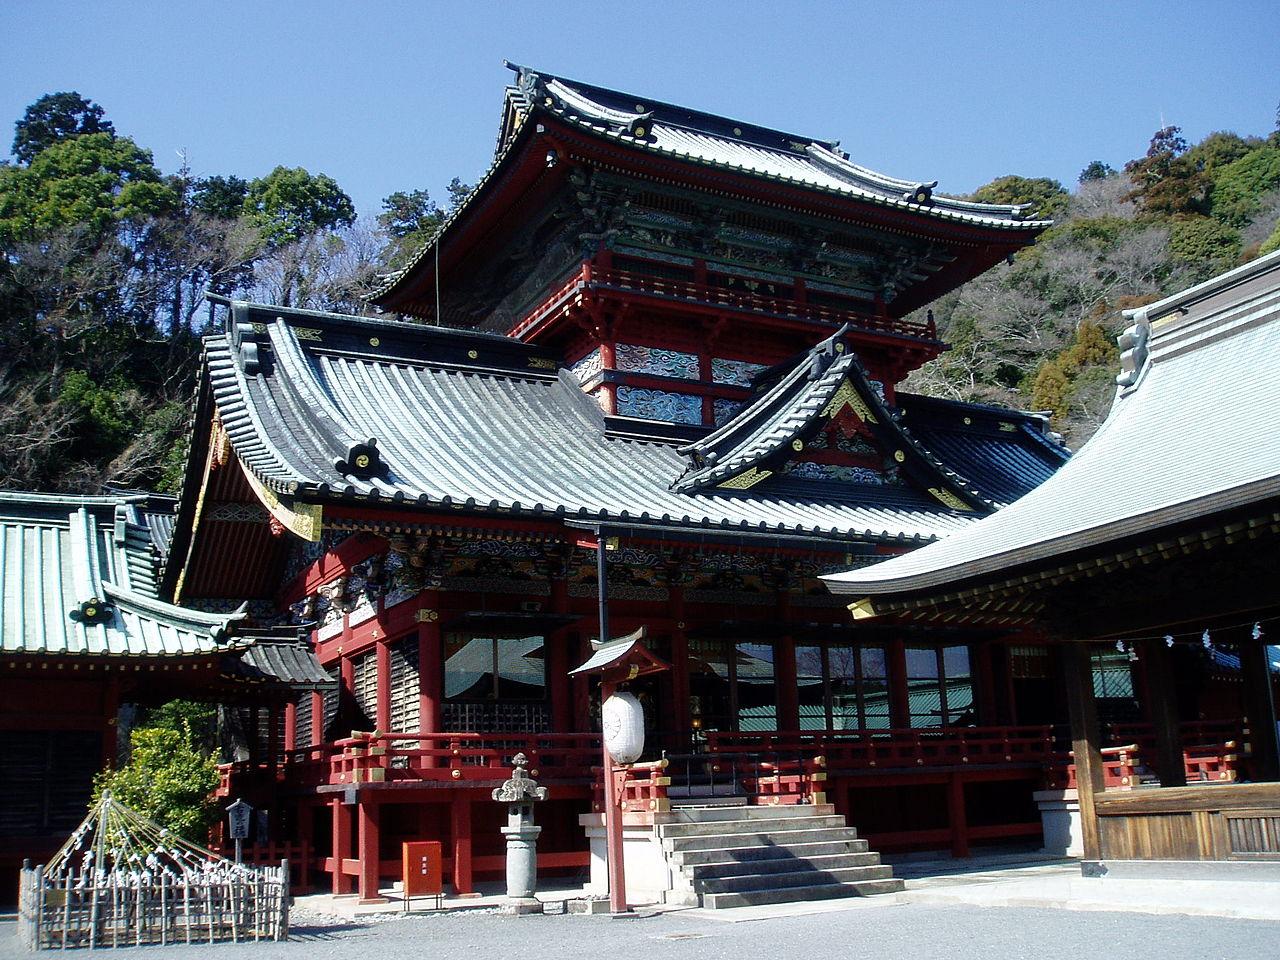 [御祭神がオオトシノカミ]初詣で人気の神社のキャプチャー